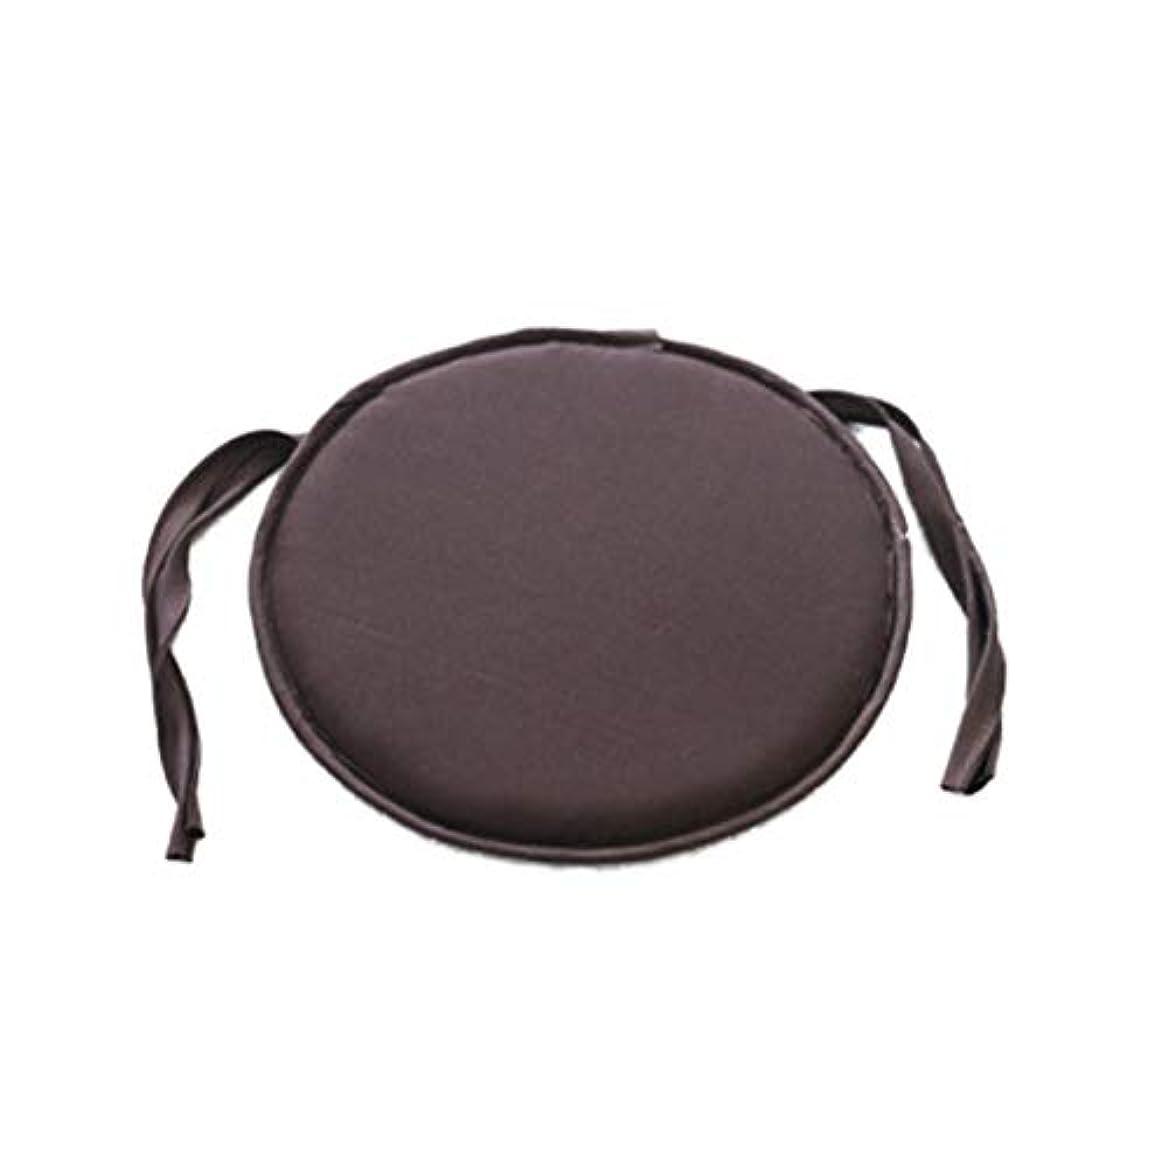 植物学申請中コイルLIFE ホット販売ラウンドチェアクッション屋内ポップパティオオフィスチェアシートパッドネクタイスクエアガーデンキッチンダイニングクッション クッション 椅子